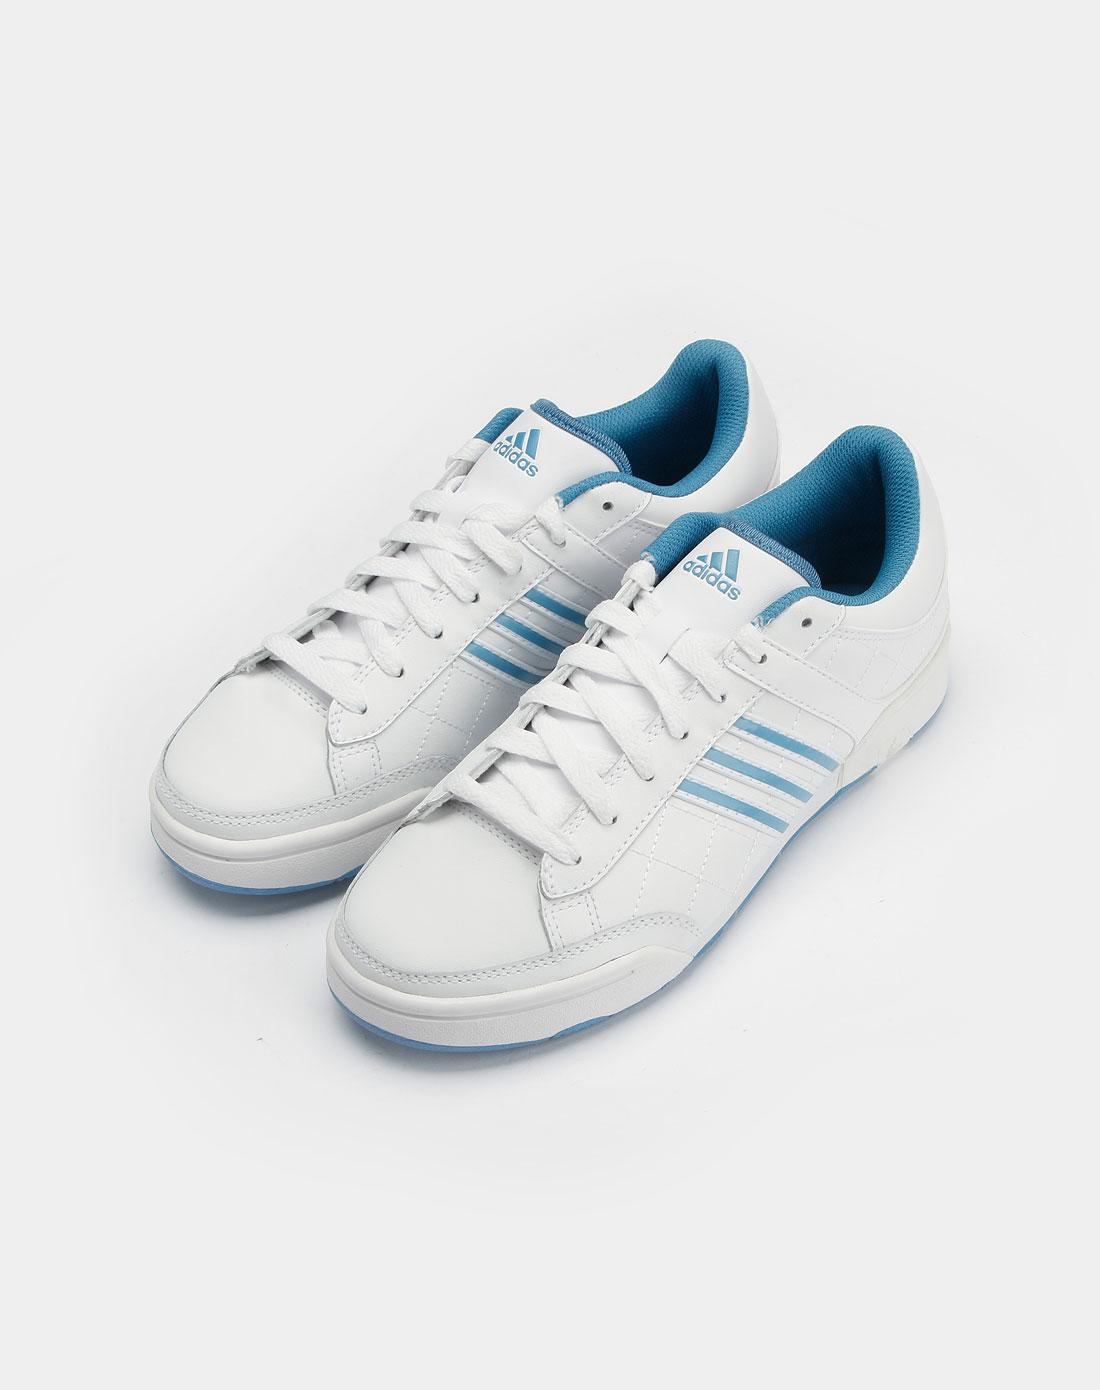 阿迪达斯adidas女款白色经典系列网球鞋g14148